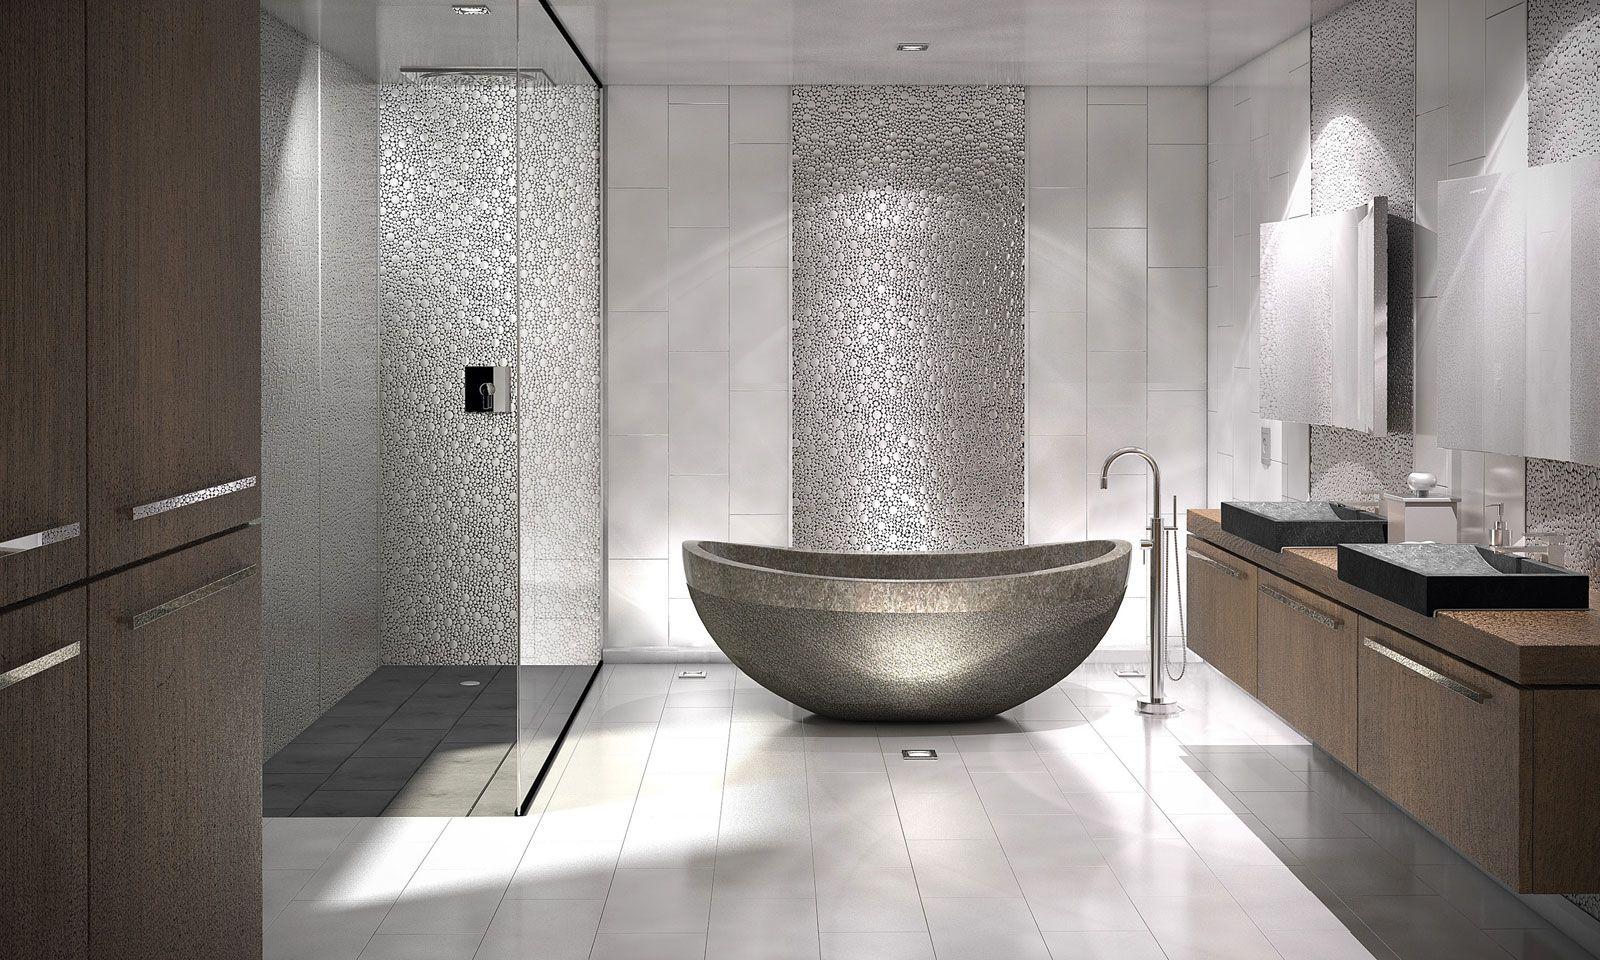 Espace Aubade Vous Propose Laccessoire Déco Design Pour Salle De - Salle de bain italienne aubade